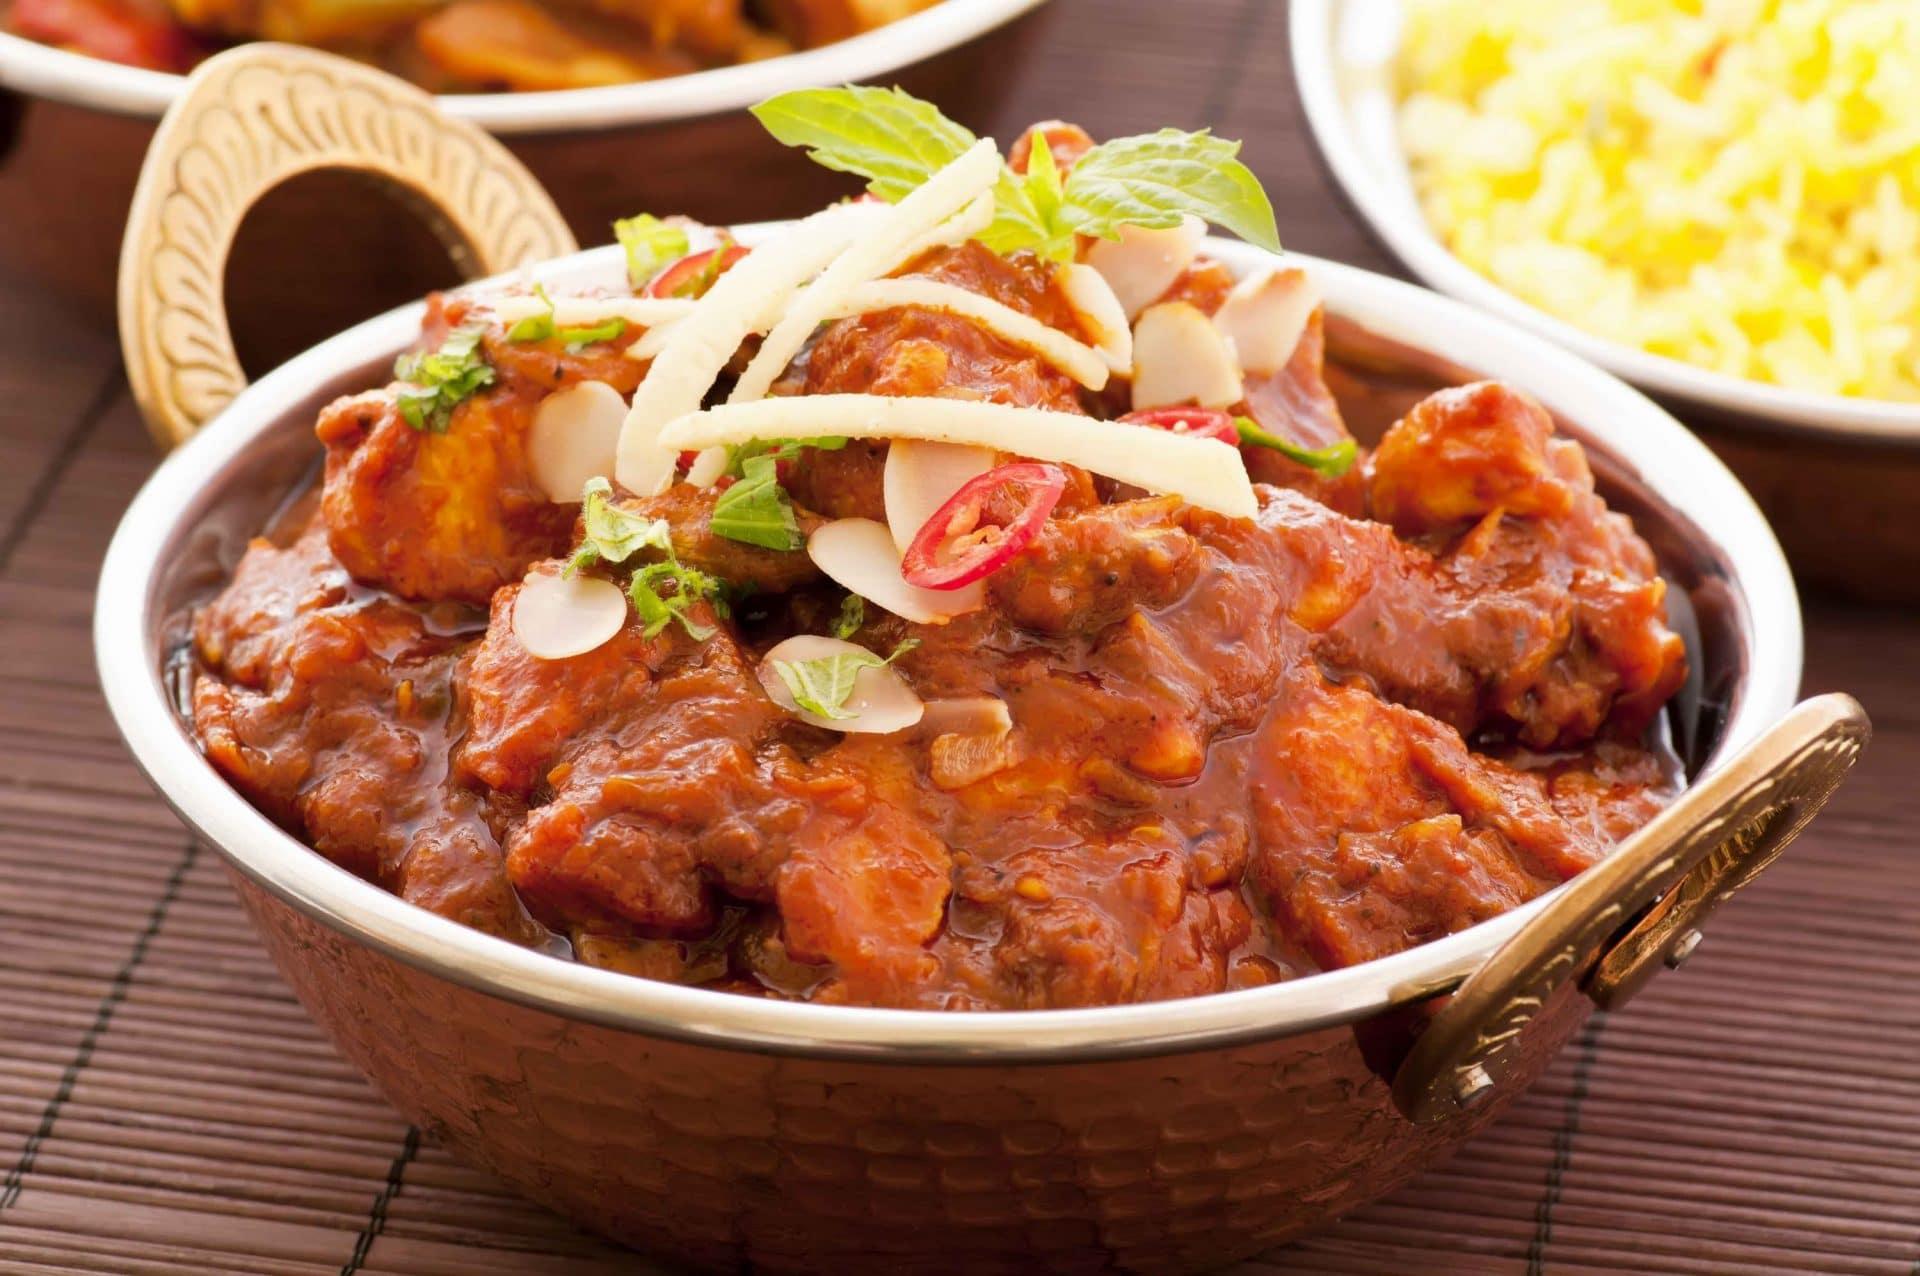 Annyira indiai, hogy az már skót! Kedvelt ételek meglepő származással - Dining Guide